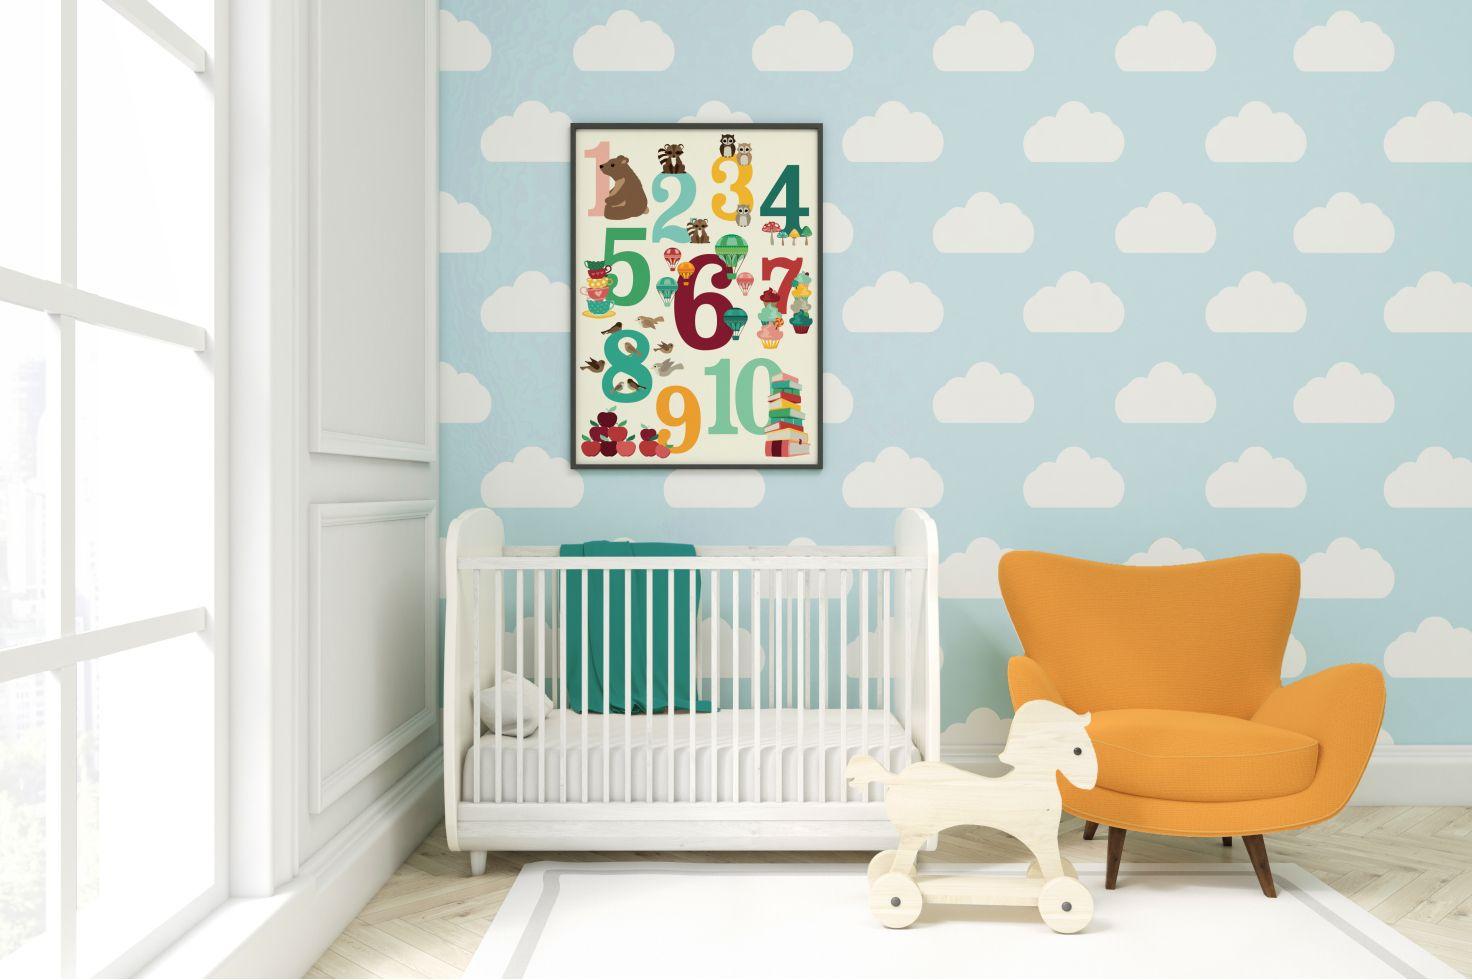 Oktoberdots cijferposter voor de babykamer of kinderkamer in mooie, vrolijke kleuren.